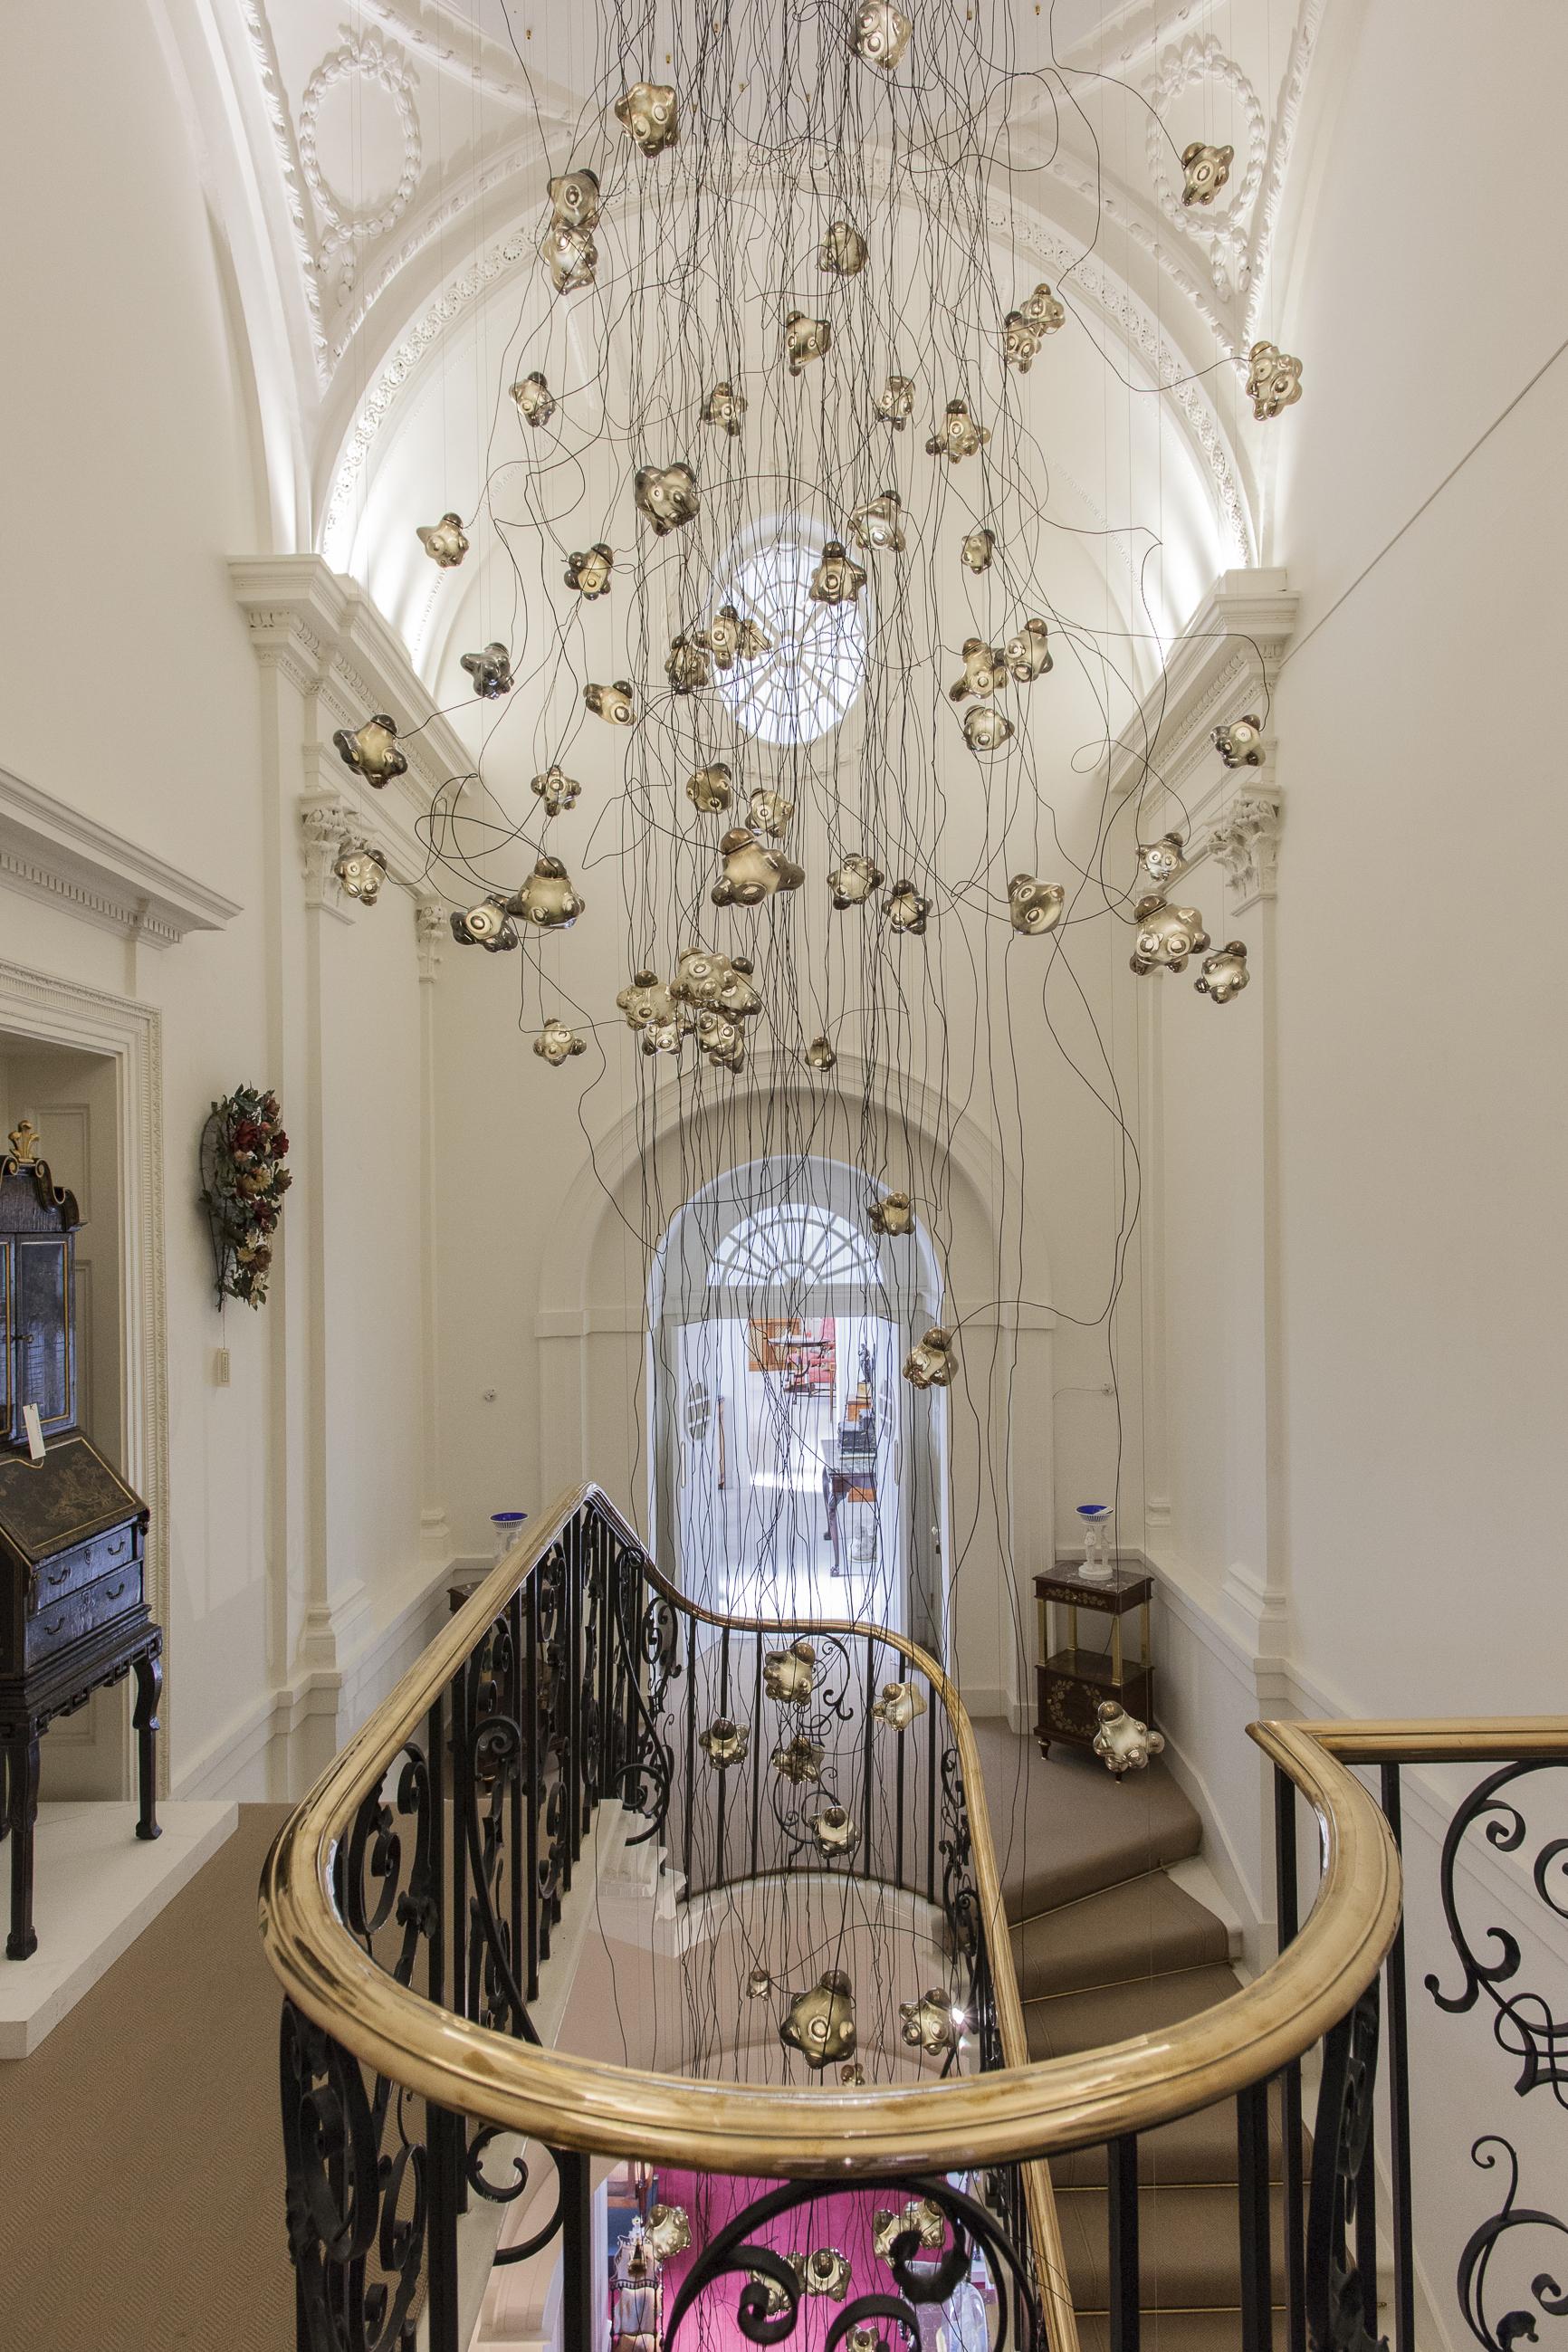 mallon-interiors-bocci-entryway-lights